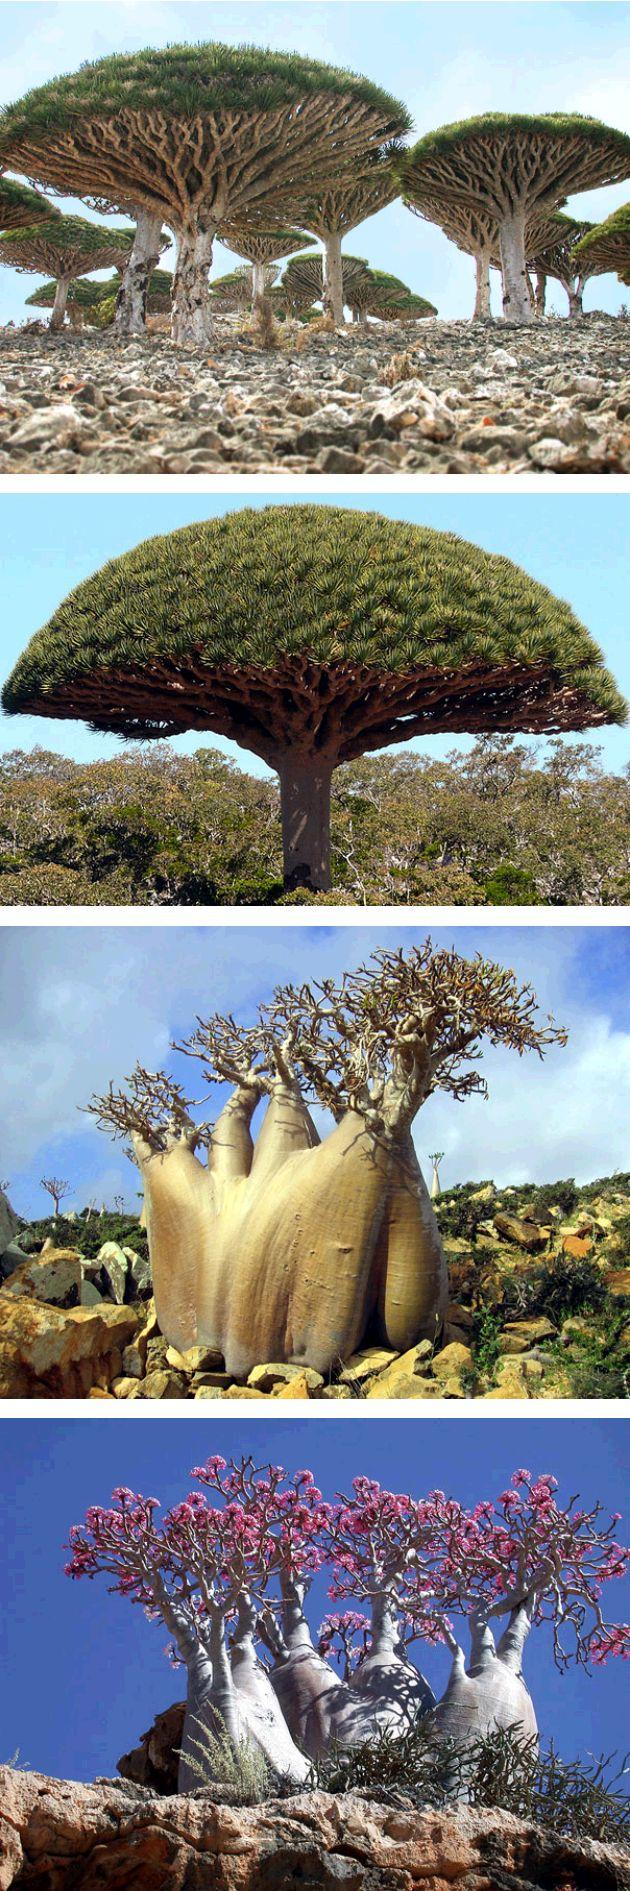 [*- Árbol Sangre de Dragón (Dracaena cinnabari), árbol Pepino y Rosa del Desierto], @ Socotra Island, Yemen